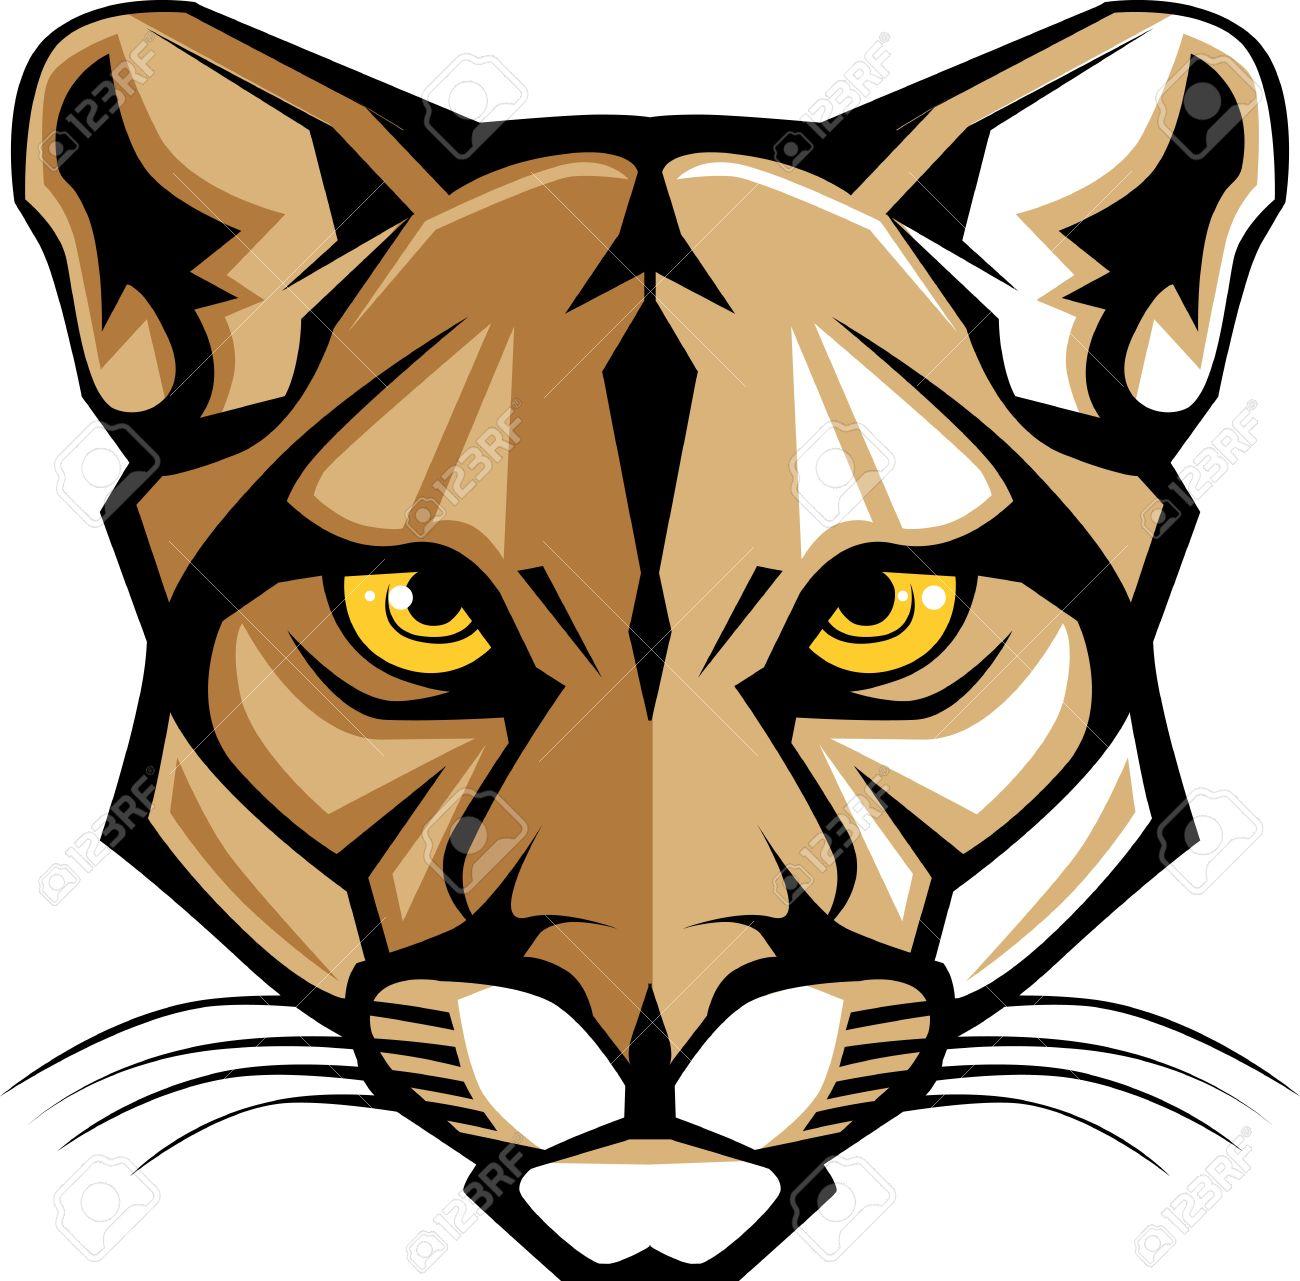 cougar panther mascot head graphic royalty free cliparts vectors rh 123rf com Cougar School Mascot Cougar Clip Art